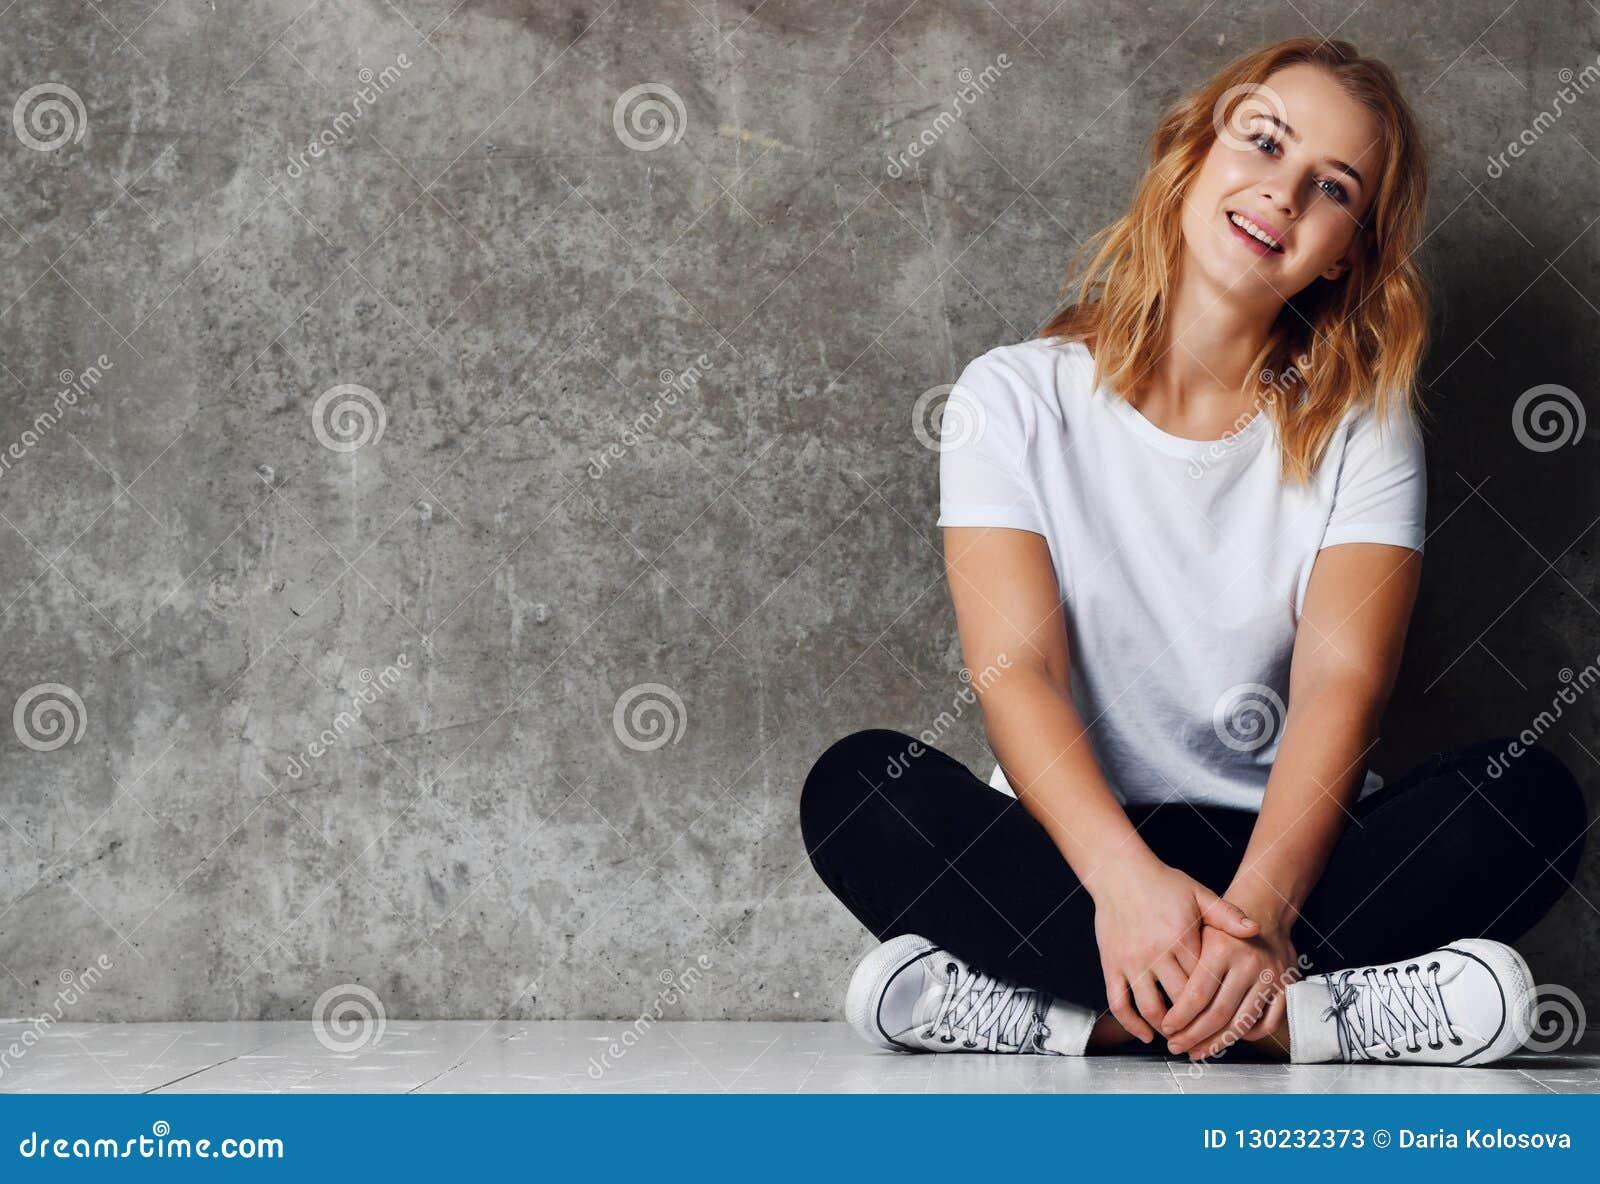 Piękny uśmiechnięty kobiety obsiadanie na podłodze przeciw betonowej ścianie